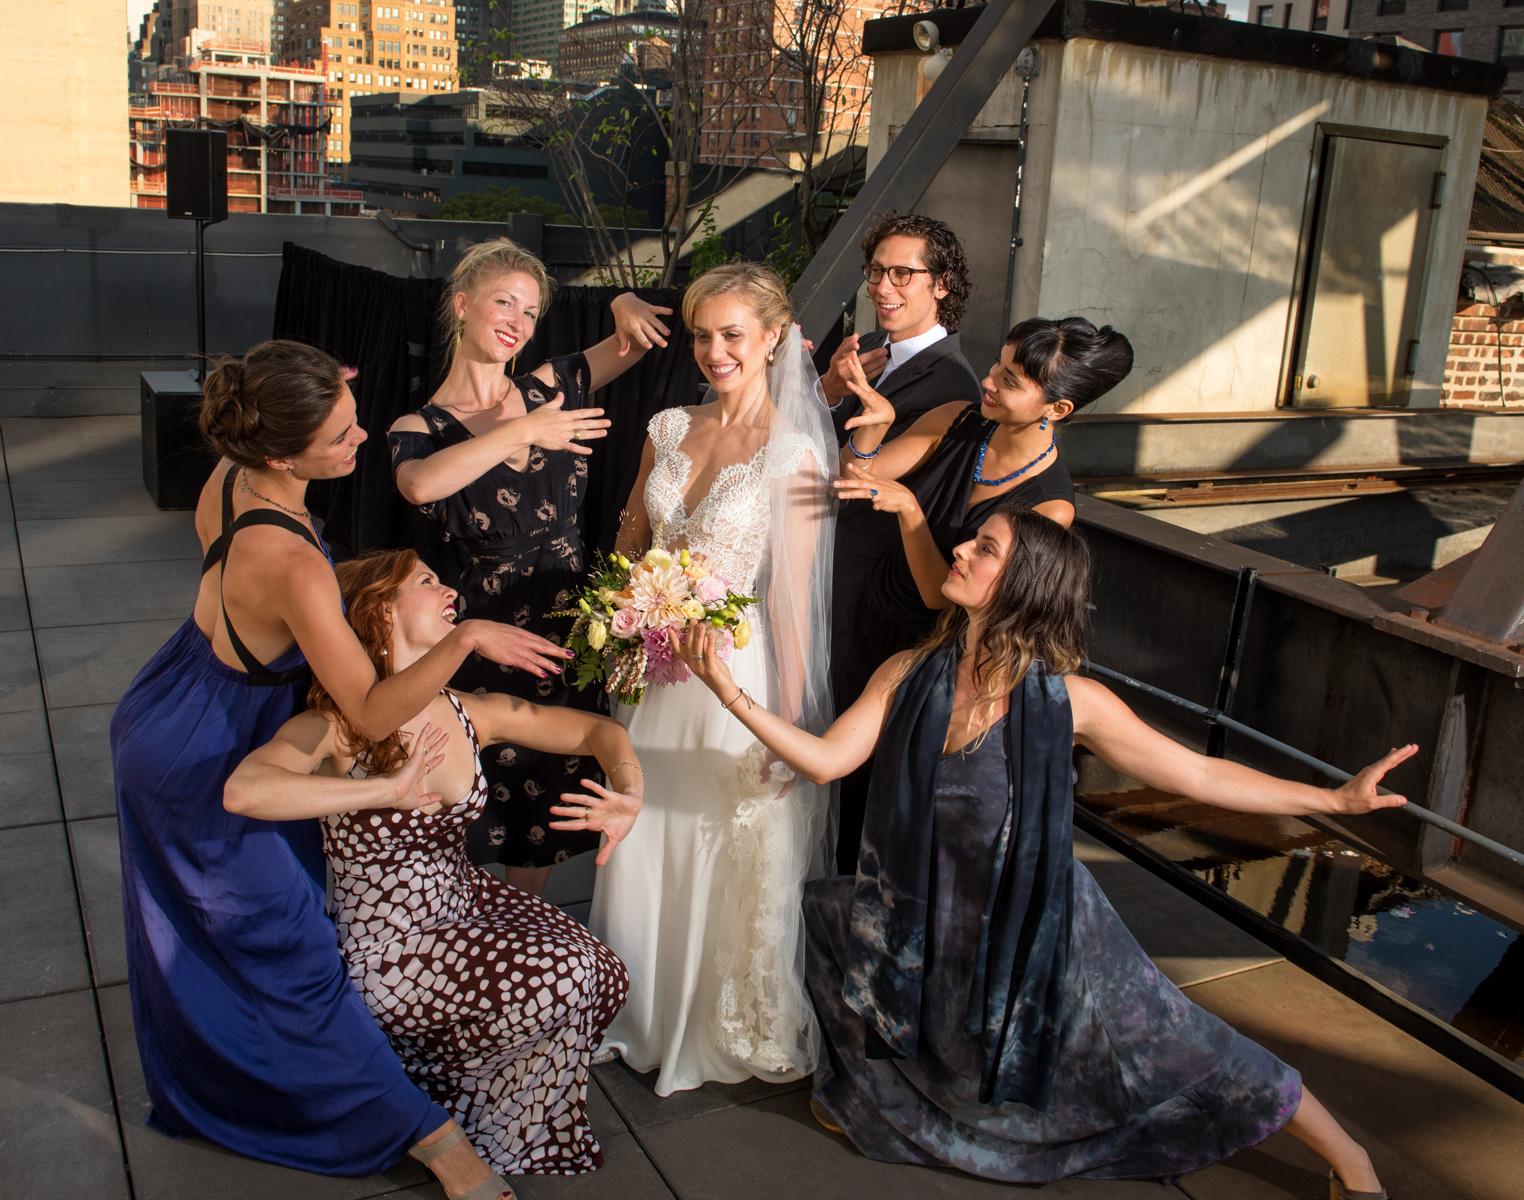 The Dancing Bridesmaids'  Serenade  The Bride